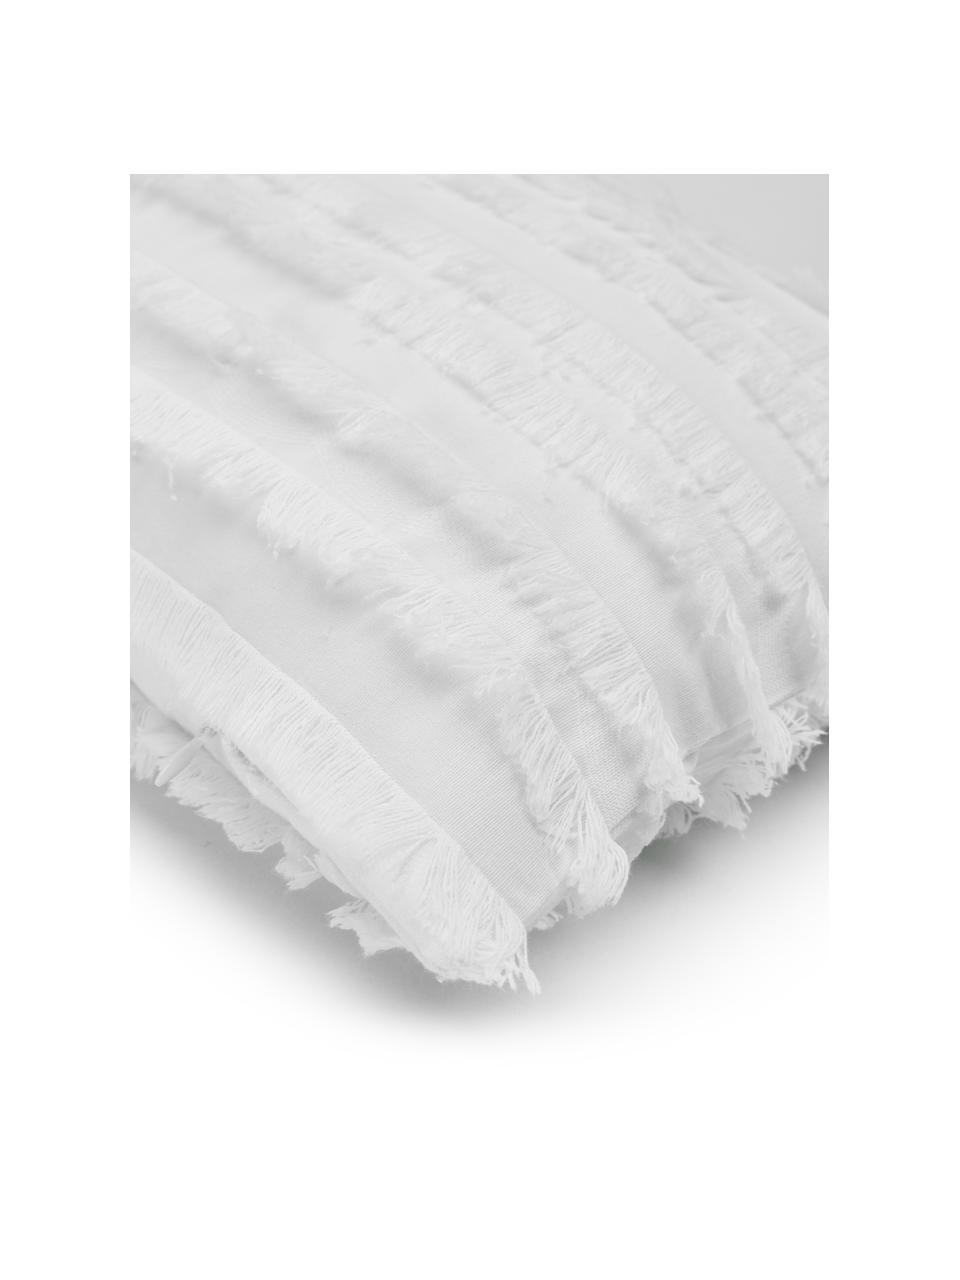 Kissenhülle Jessie in Weiß mit dekorativen Fransen, 88% Baumwolle, 7% Viskose, 5% Leinen, Weiß, 30 x 50 cm